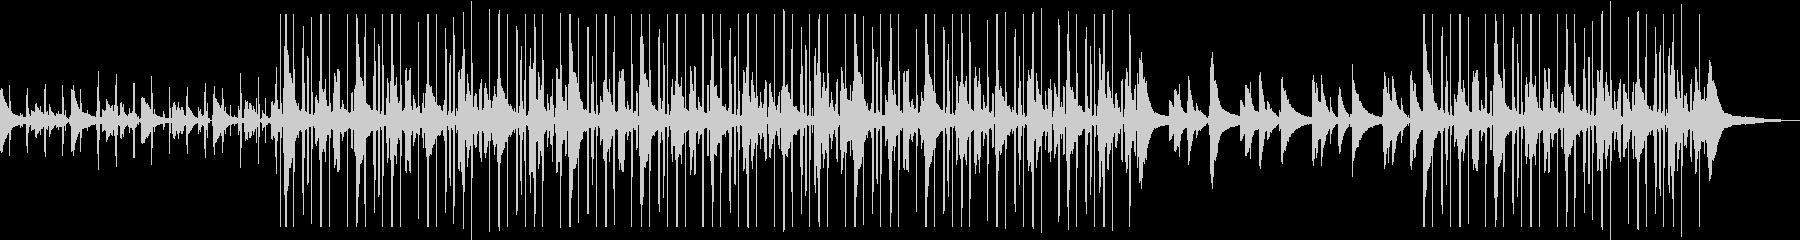 しっとりピアノlofi Hip Hopの未再生の波形